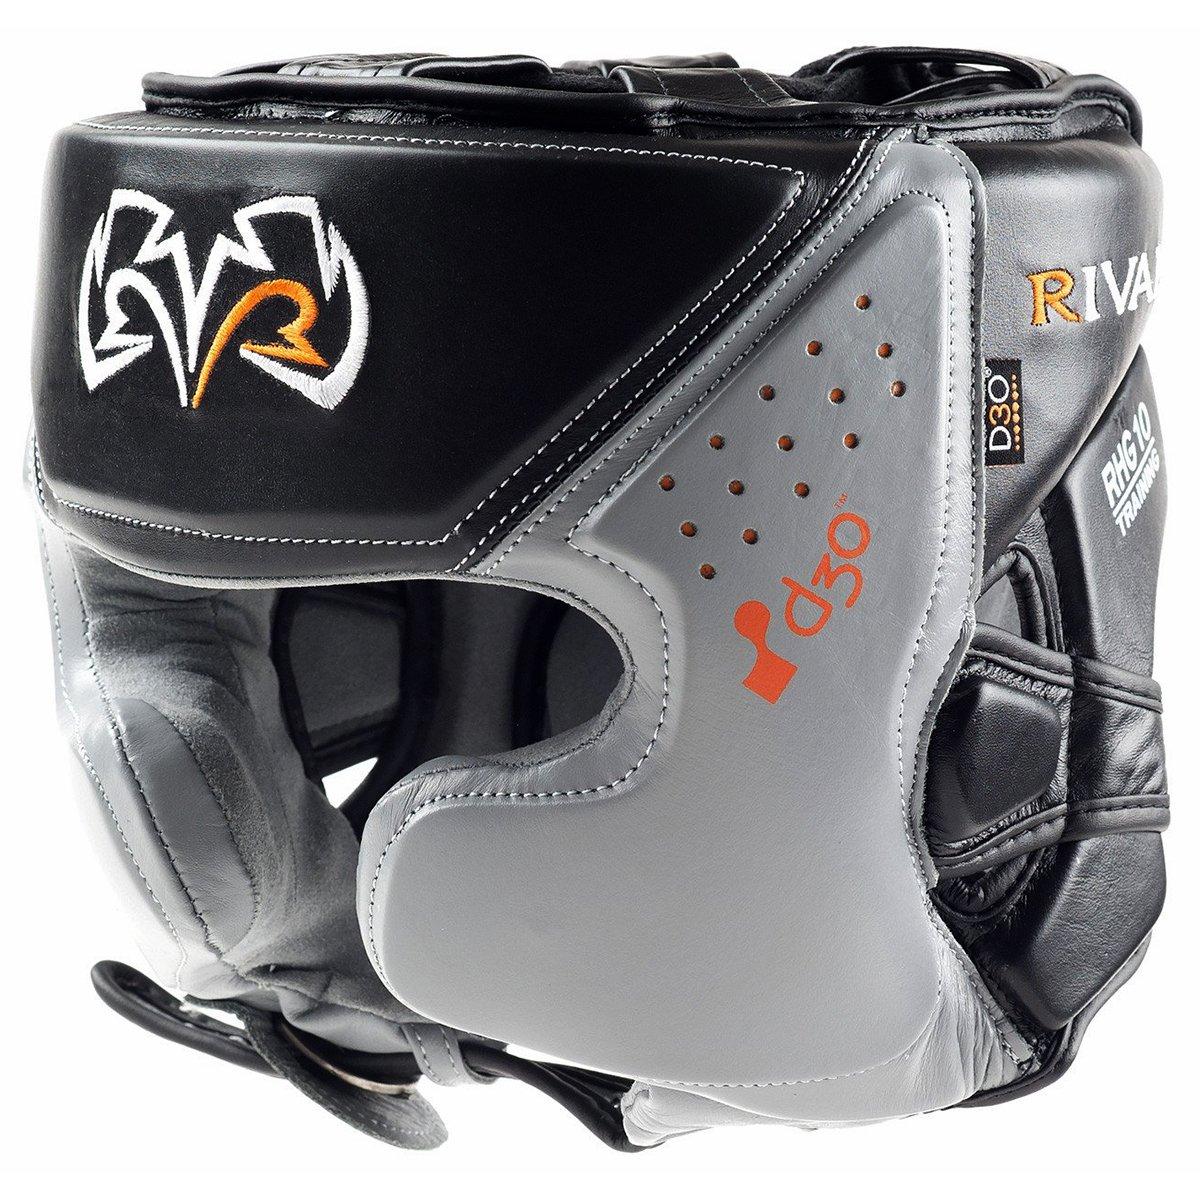 【送料込】 Rival Boxing rhg10 intelli-shock d30 Headgear – rhg10 Boxing ブラック/グレー d30 XL B01IHZUQJ4, 賀茂村:8c21c0ca --- a0267596.xsph.ru